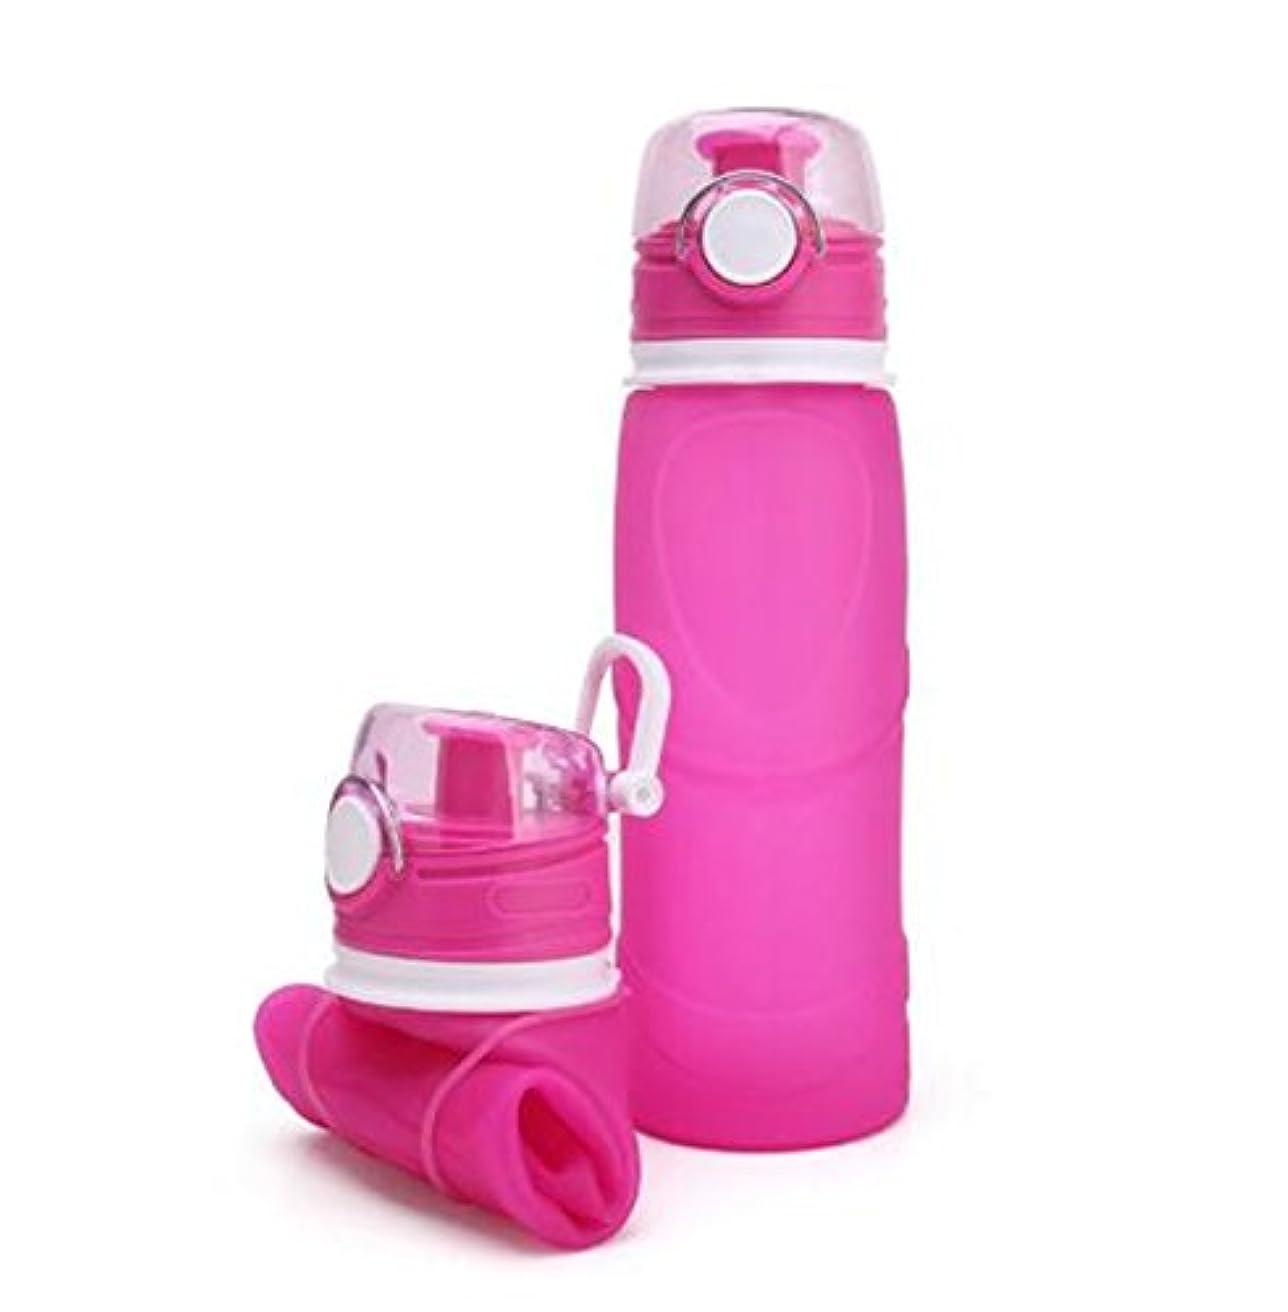 を必要としています黒金銭的なveligoo折りたたみ式水ボトルシリコン水ボトルのアウトドアスポーツポータブル持ち運び簡単水ボトル飲み物水ボトル750 ml